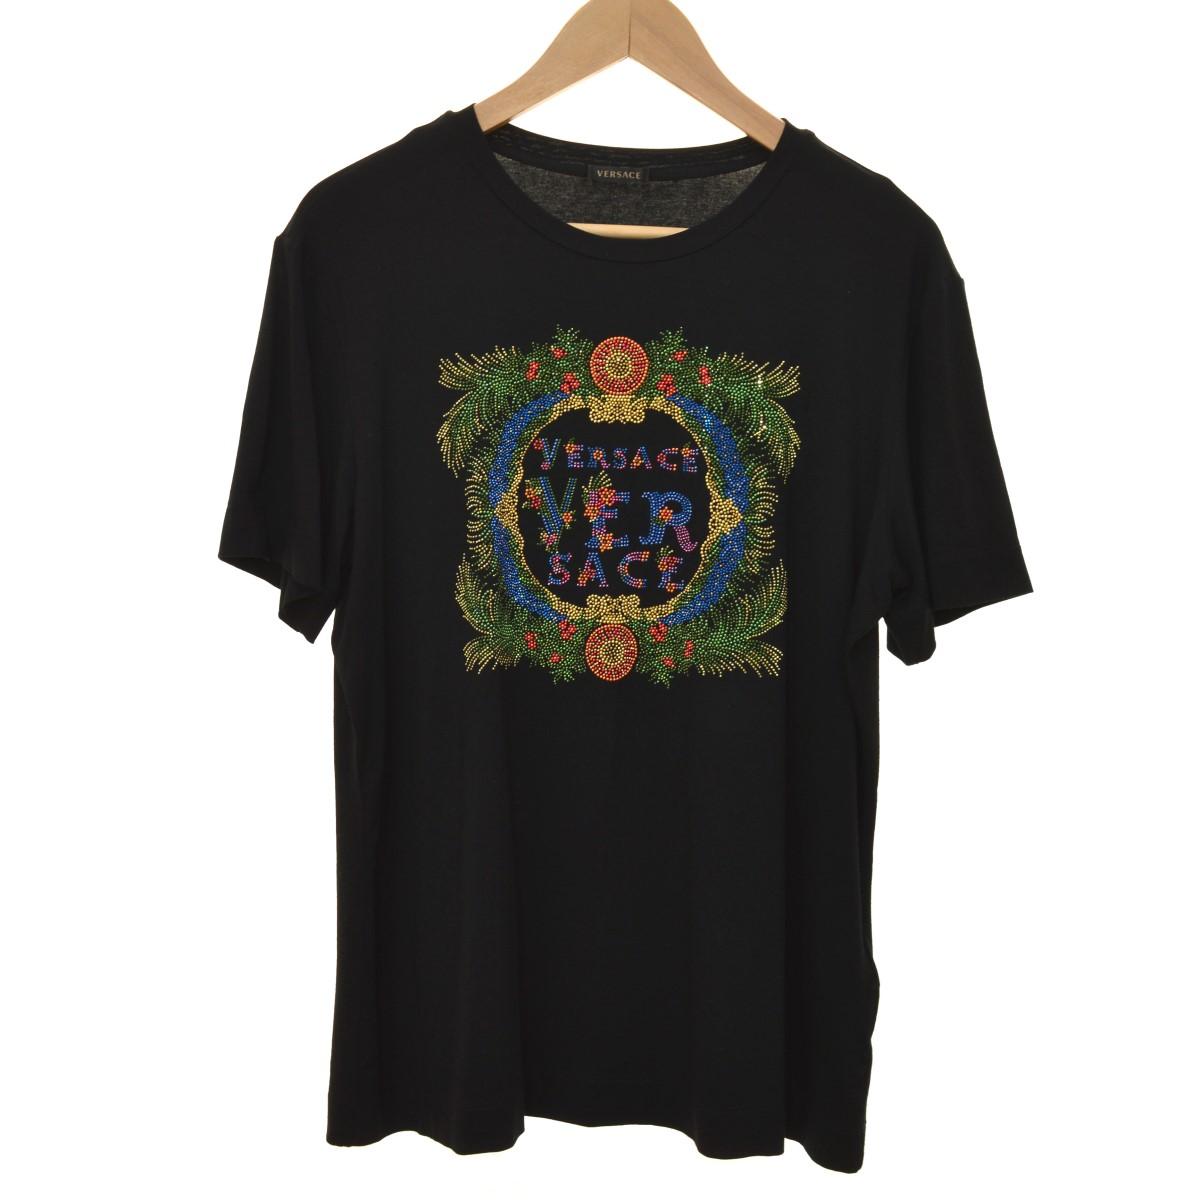 【中古】VERSACE 18SS Tシャツ ブラック サイズ:42 【120420】(ヴェルサーチ)